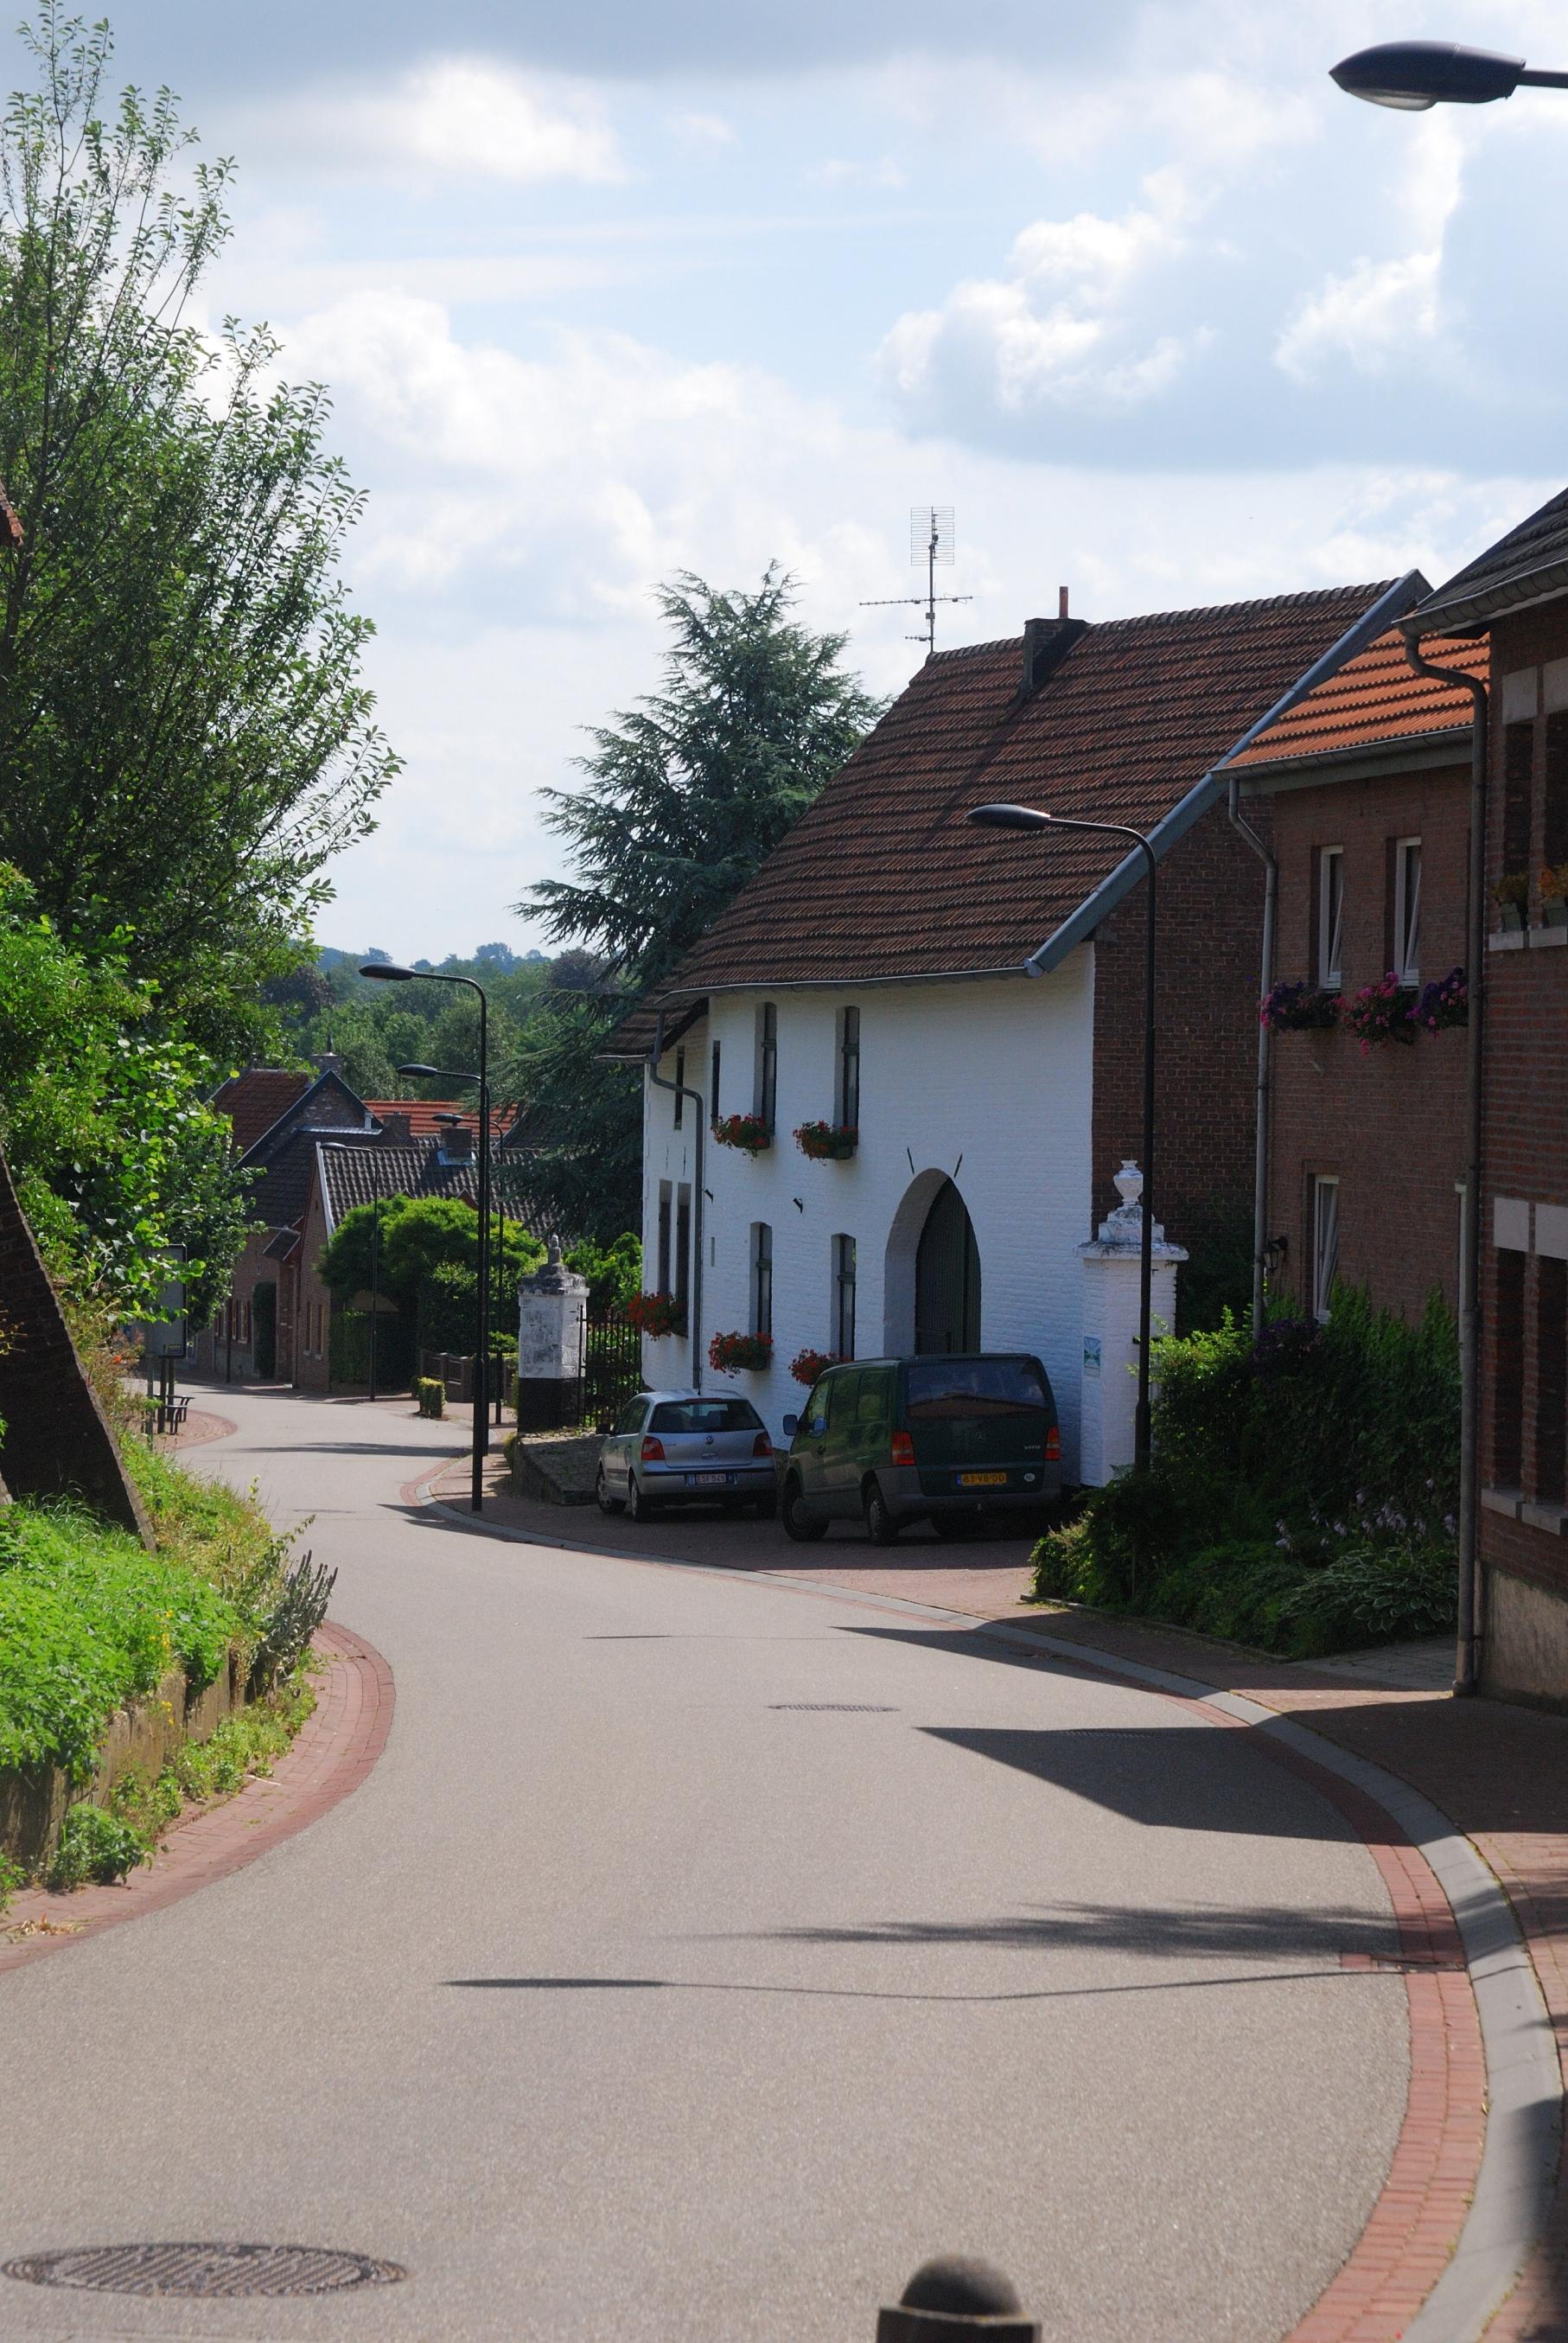 Eckelrade